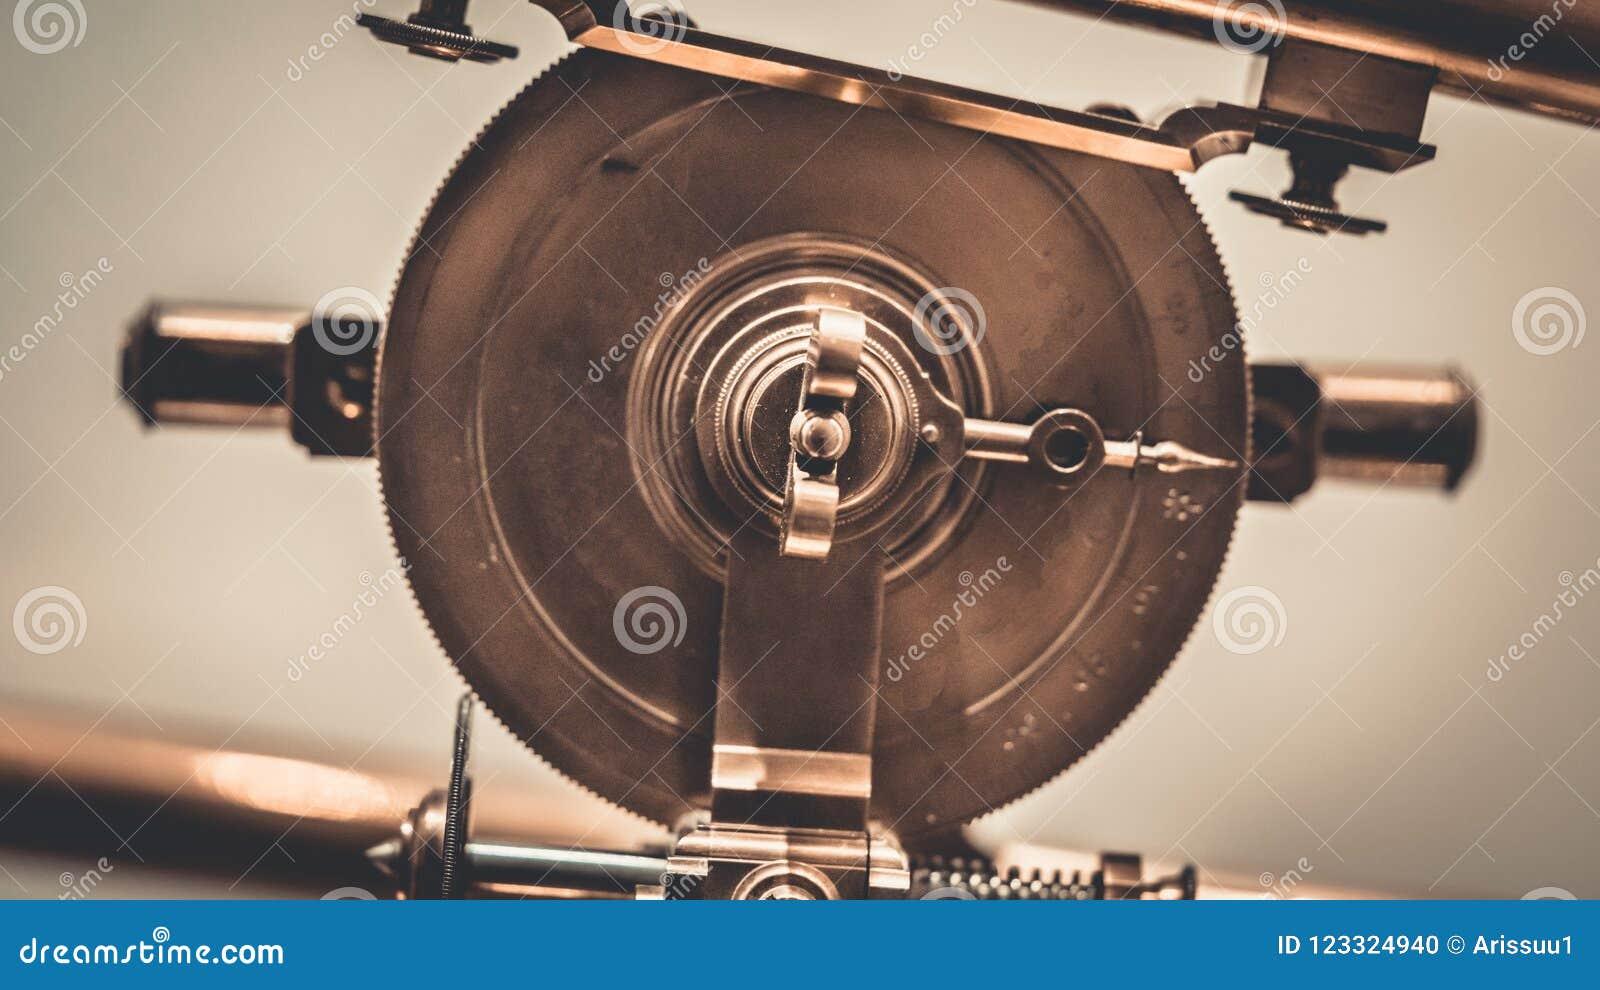 Aço industrial lâmina de corte serrilhada